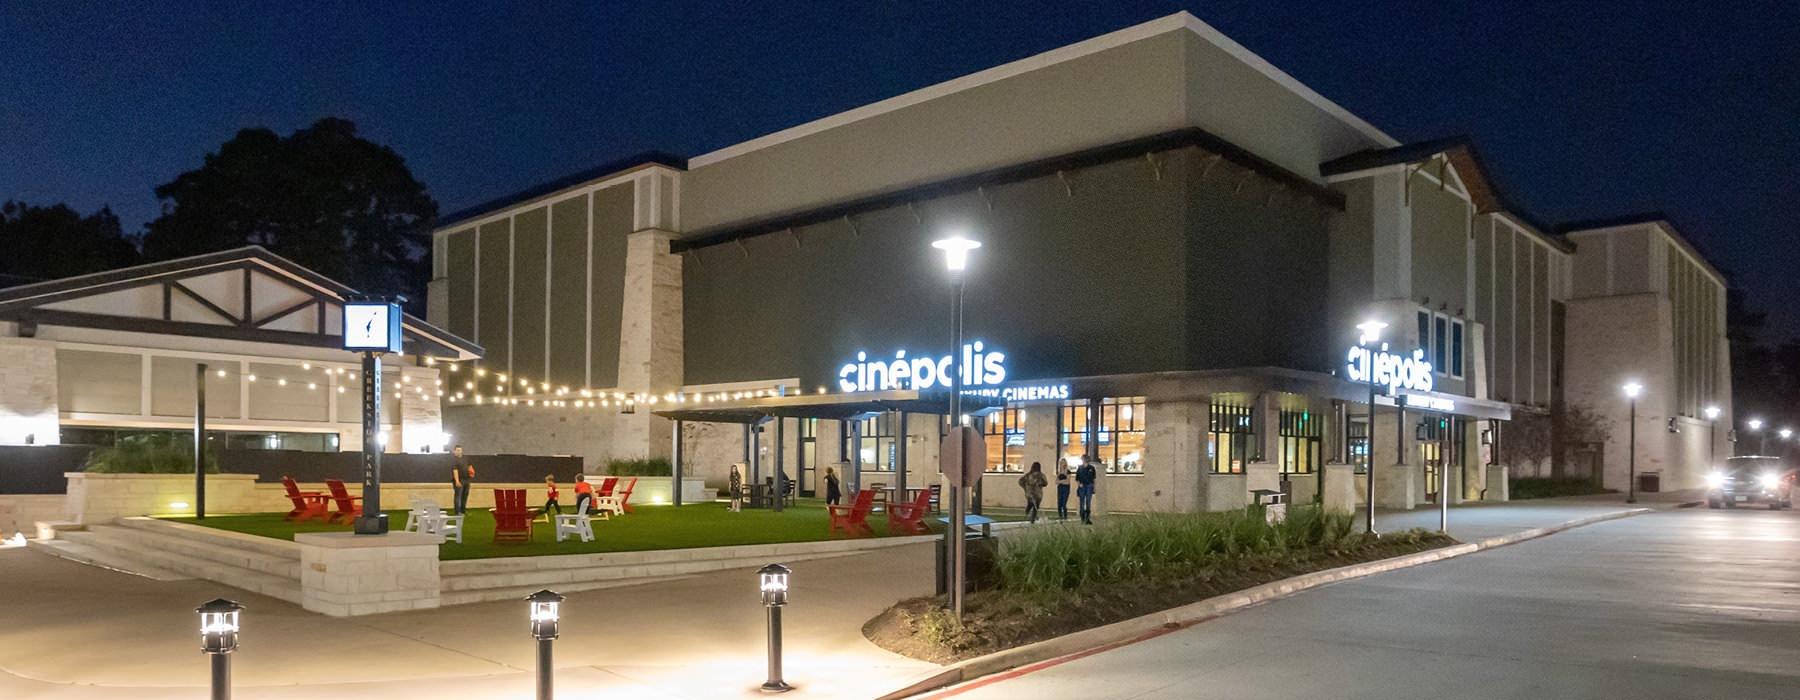 nearby Cinepolis movie theater